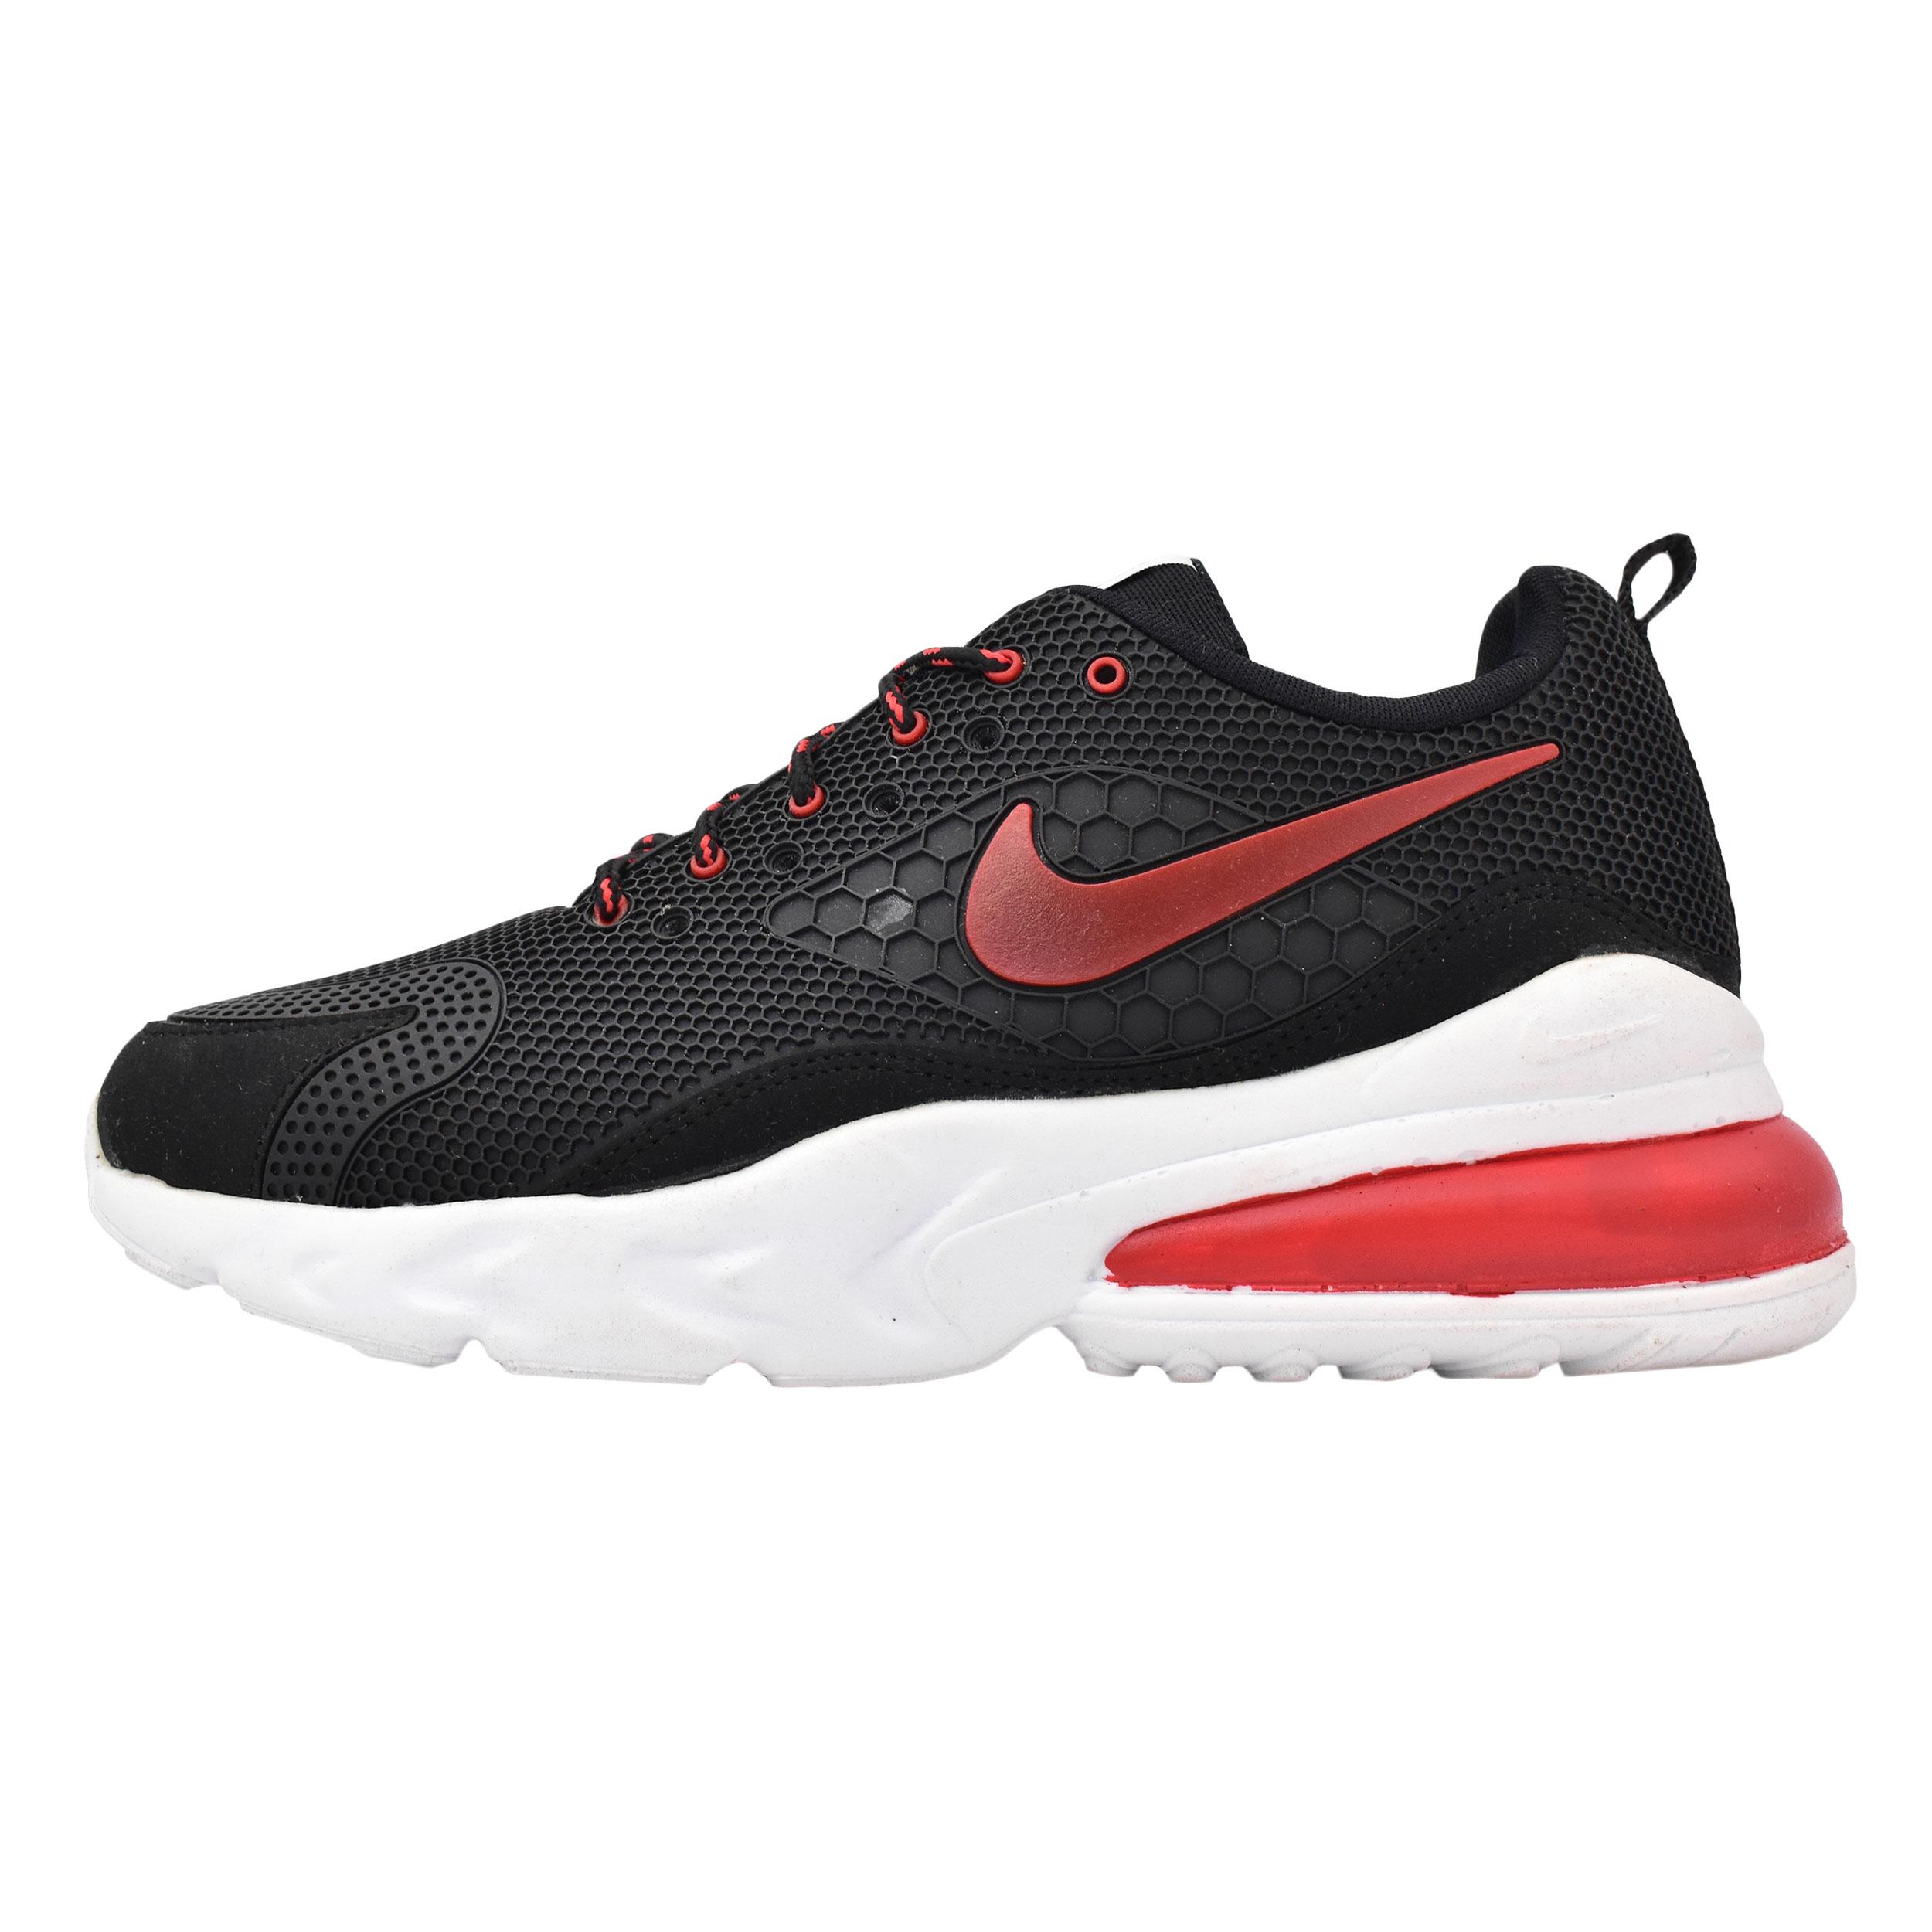 خرید و قیمت                                      کفش پیاده روی مردانه کد 8211                     غیر اصل